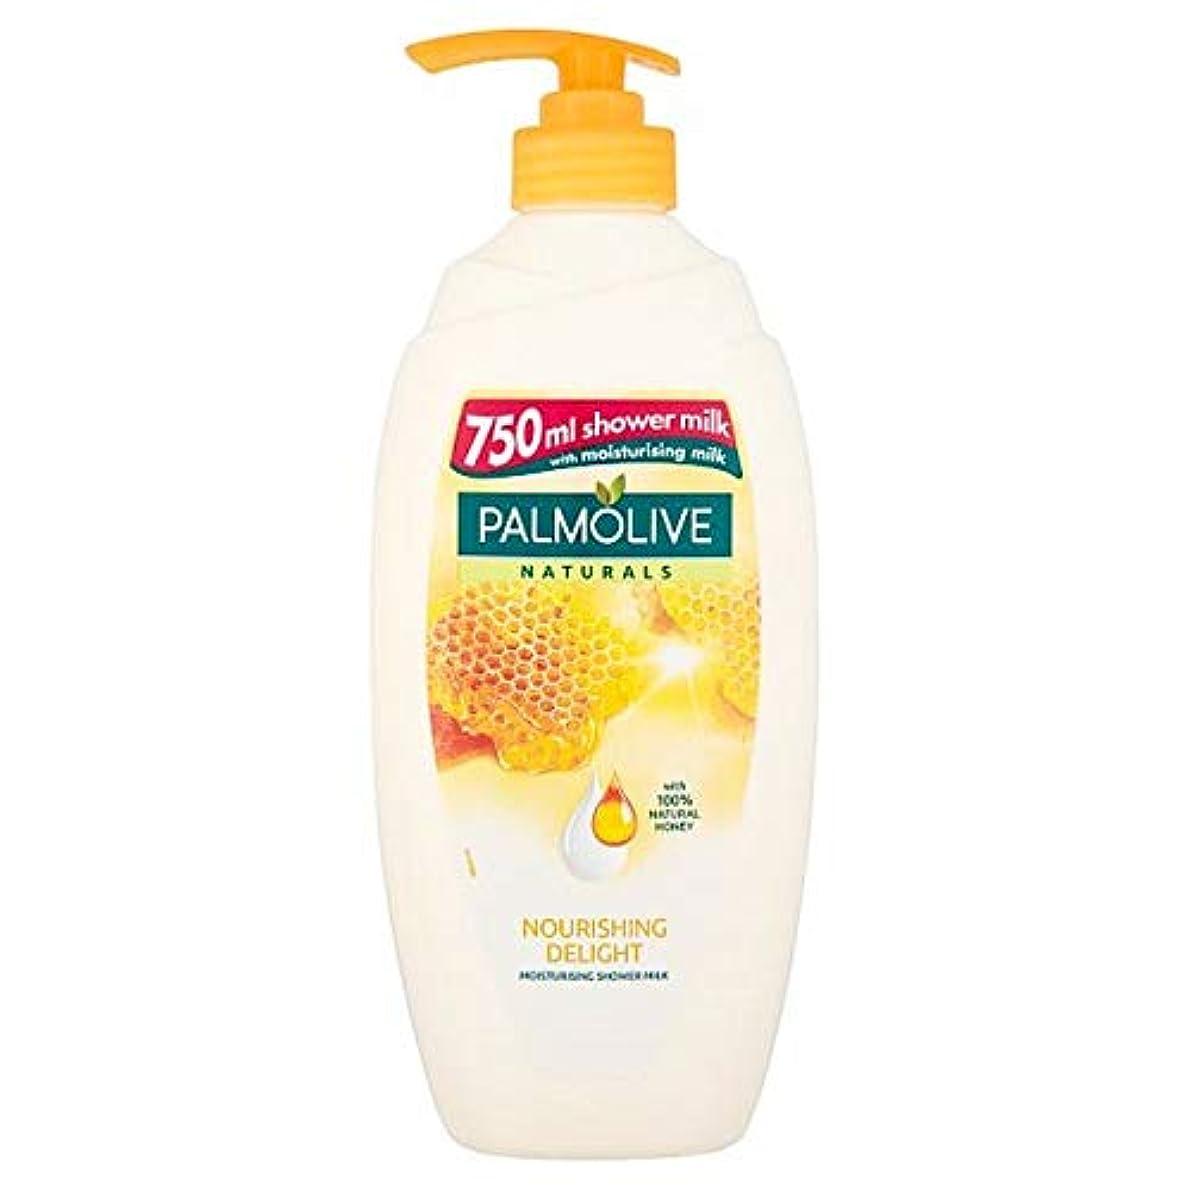 意志回転させるスロット[Palmolive ] パルモナチュラルミルクとはちみつシャワージェル750ミリリットル - Palmolive Naturals Milk And Honey Shower Gel 750Ml [並行輸入品]